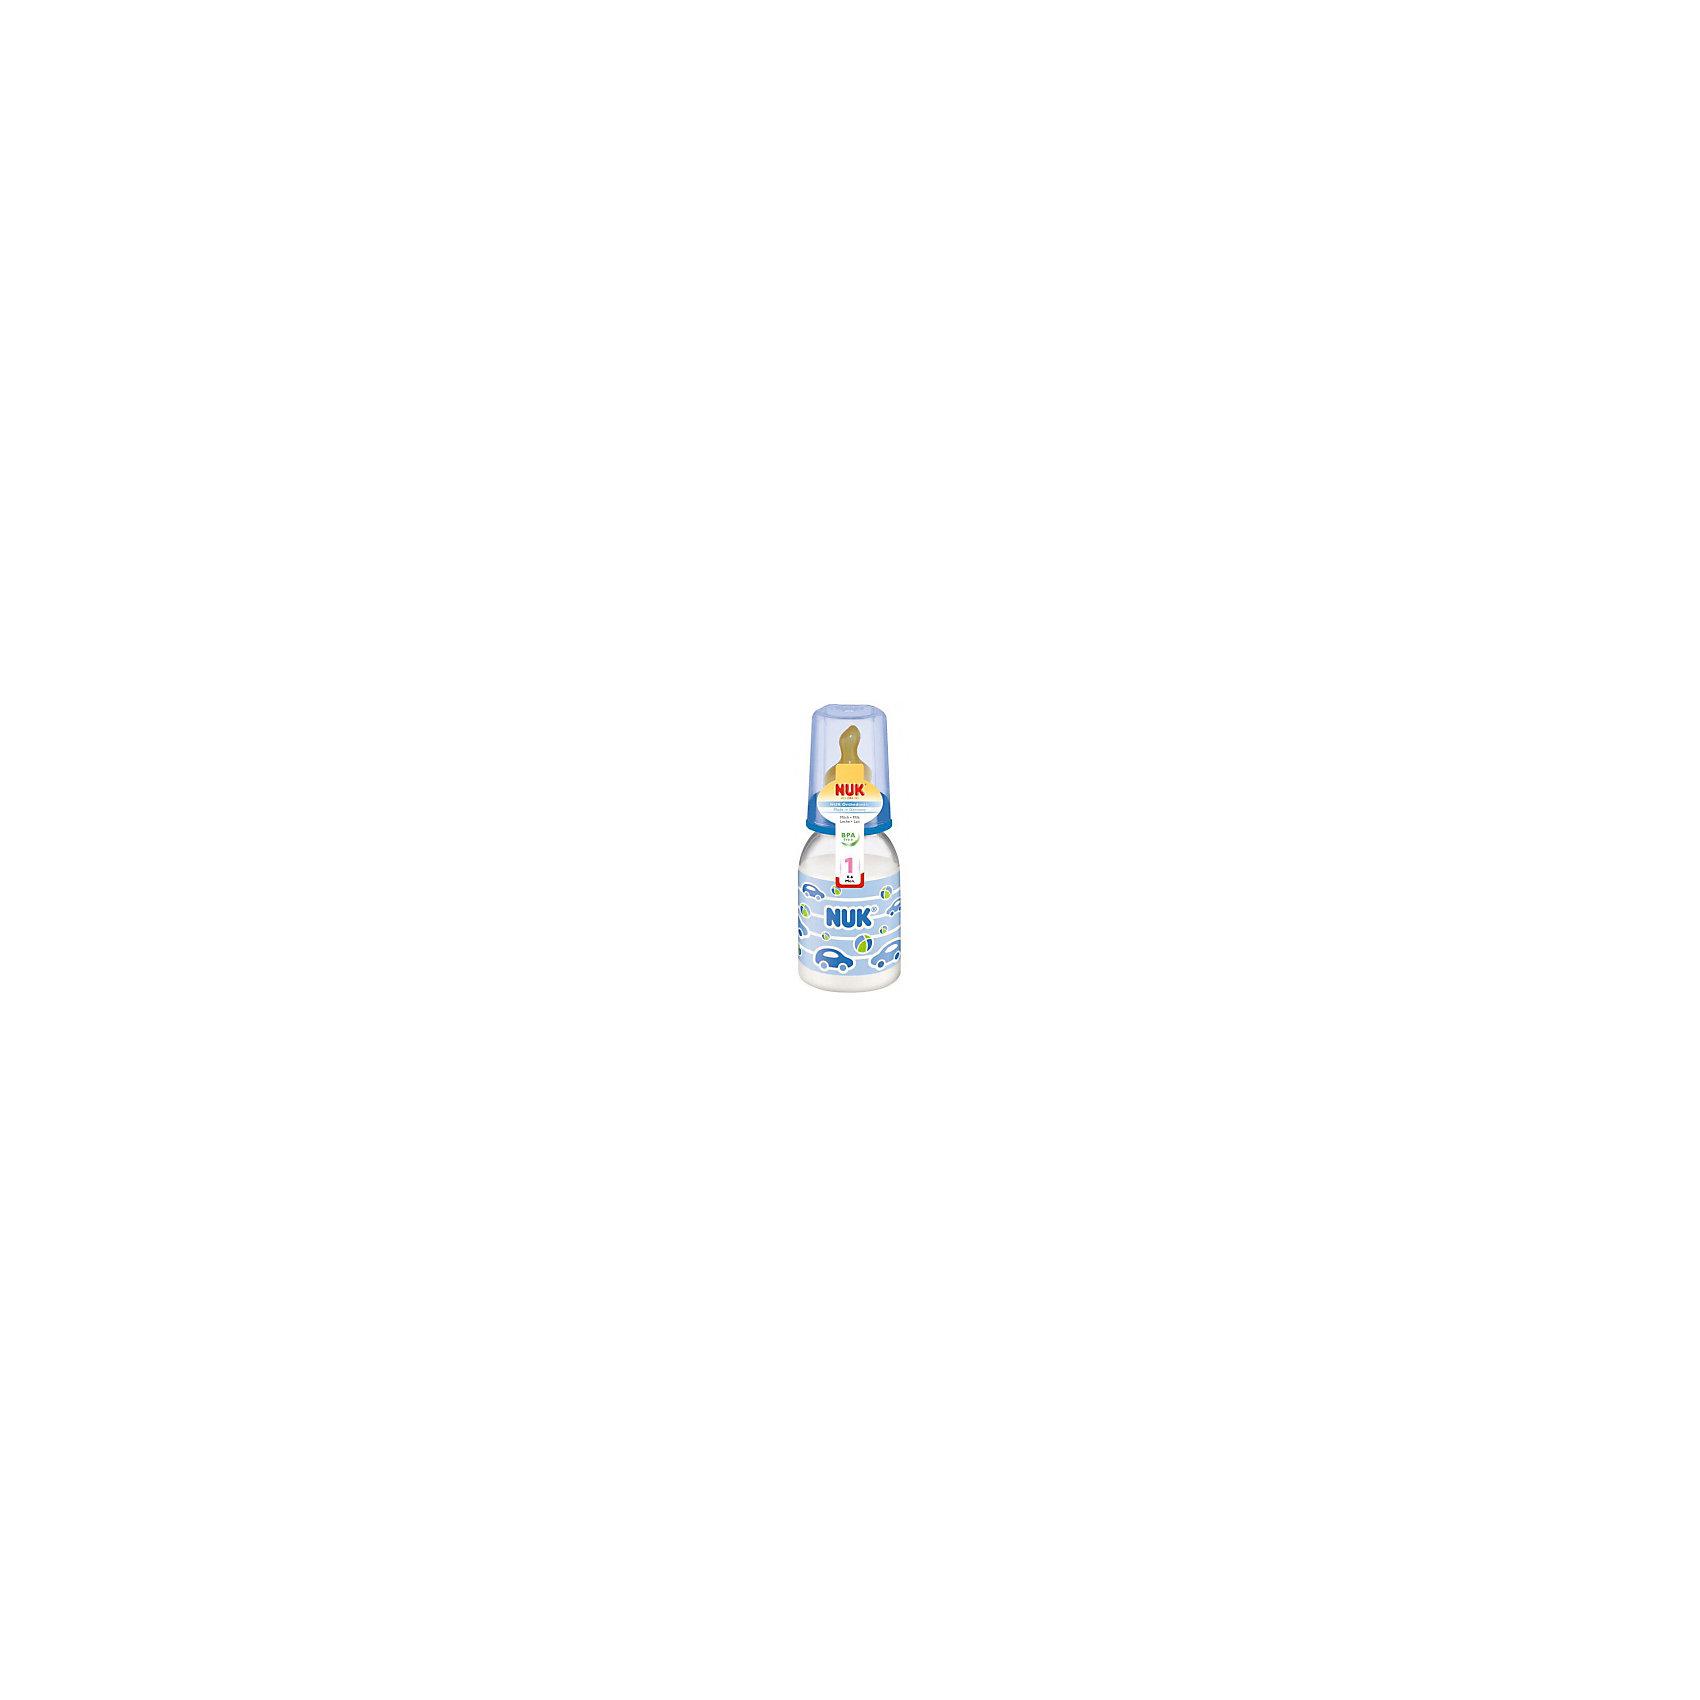 Бутылочка полипропиленовая (110 мл) с латексной соской, NUKБутылочки и аксессуары<br>Обеспечить ребенку правильное и комфортное питание - одна из важнейших задач родителей. Современные технологии помогают это сделать достаточно легко. Пример тому: эта бутылочка со специальной соской.<br>Бутылочка имеет удобную форму, она герметична и сделана из безопасного даже для самых маленьких пластика. Соска произведена из латекса - на сегодняшний день это один из лучших материалов для производства сосок. Она имеет отверстие, рассчитанное на жидкое питание. Форма соски позволяет обеспечить малышу комфорт при питании, а также предотвратить заглатывание воздуха и образование колик. Подарите удобство себе и ребенку!<br><br>Дополнительная информация:<br><br>цвет: разноцветный;<br>материал: пластик, латекс;<br>возраст ребенка: от рождения до 6 месяцев;<br>противоколиковый клапан;<br>для жидких продуктов;<br>объем: 110 мл.<br><br>Бутылочку полипропиленовую (110 мл) с латексной соской от компании NUK можно купить в нашем магазине.<br><br>Ширина мм: 55<br>Глубина мм: 55<br>Высота мм: 100<br>Вес г: 120<br>Возраст от месяцев: -2147483648<br>Возраст до месяцев: 2147483647<br>Пол: Унисекс<br>Возраст: Детский<br>SKU: 3932428